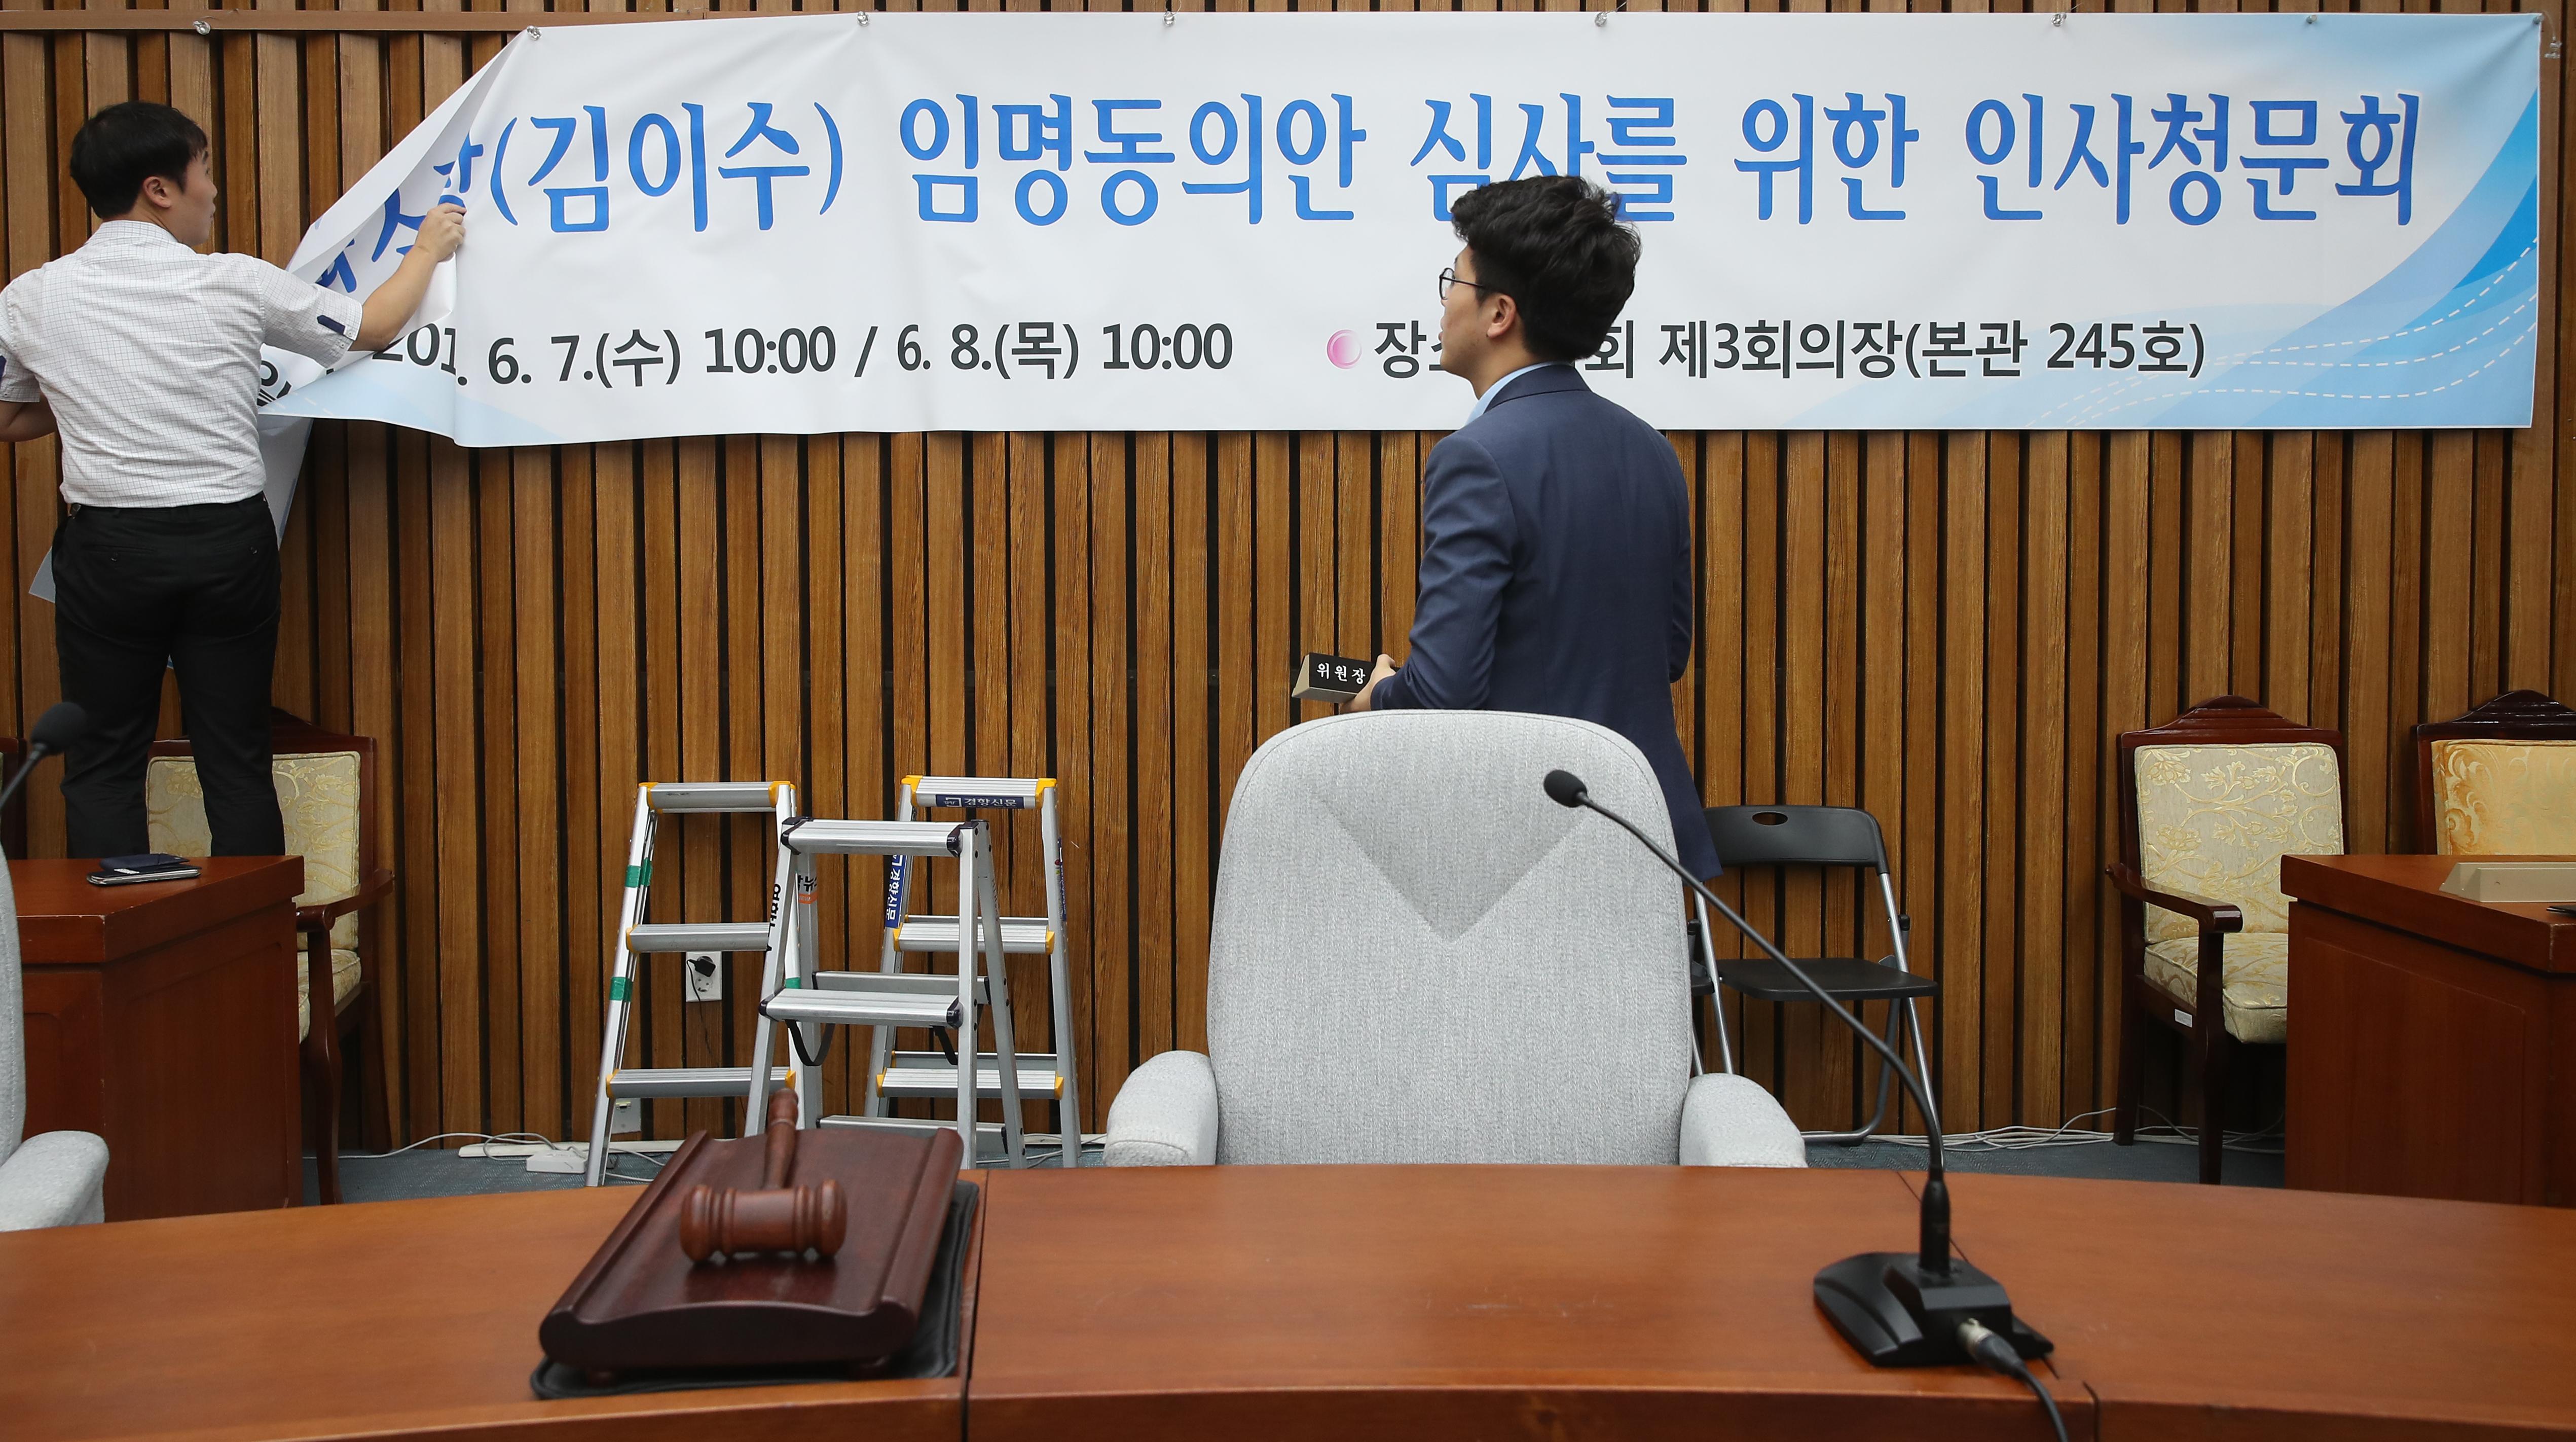 [국회] 與野, 김이수 헌재소장 임명동의안 표결처리 합의